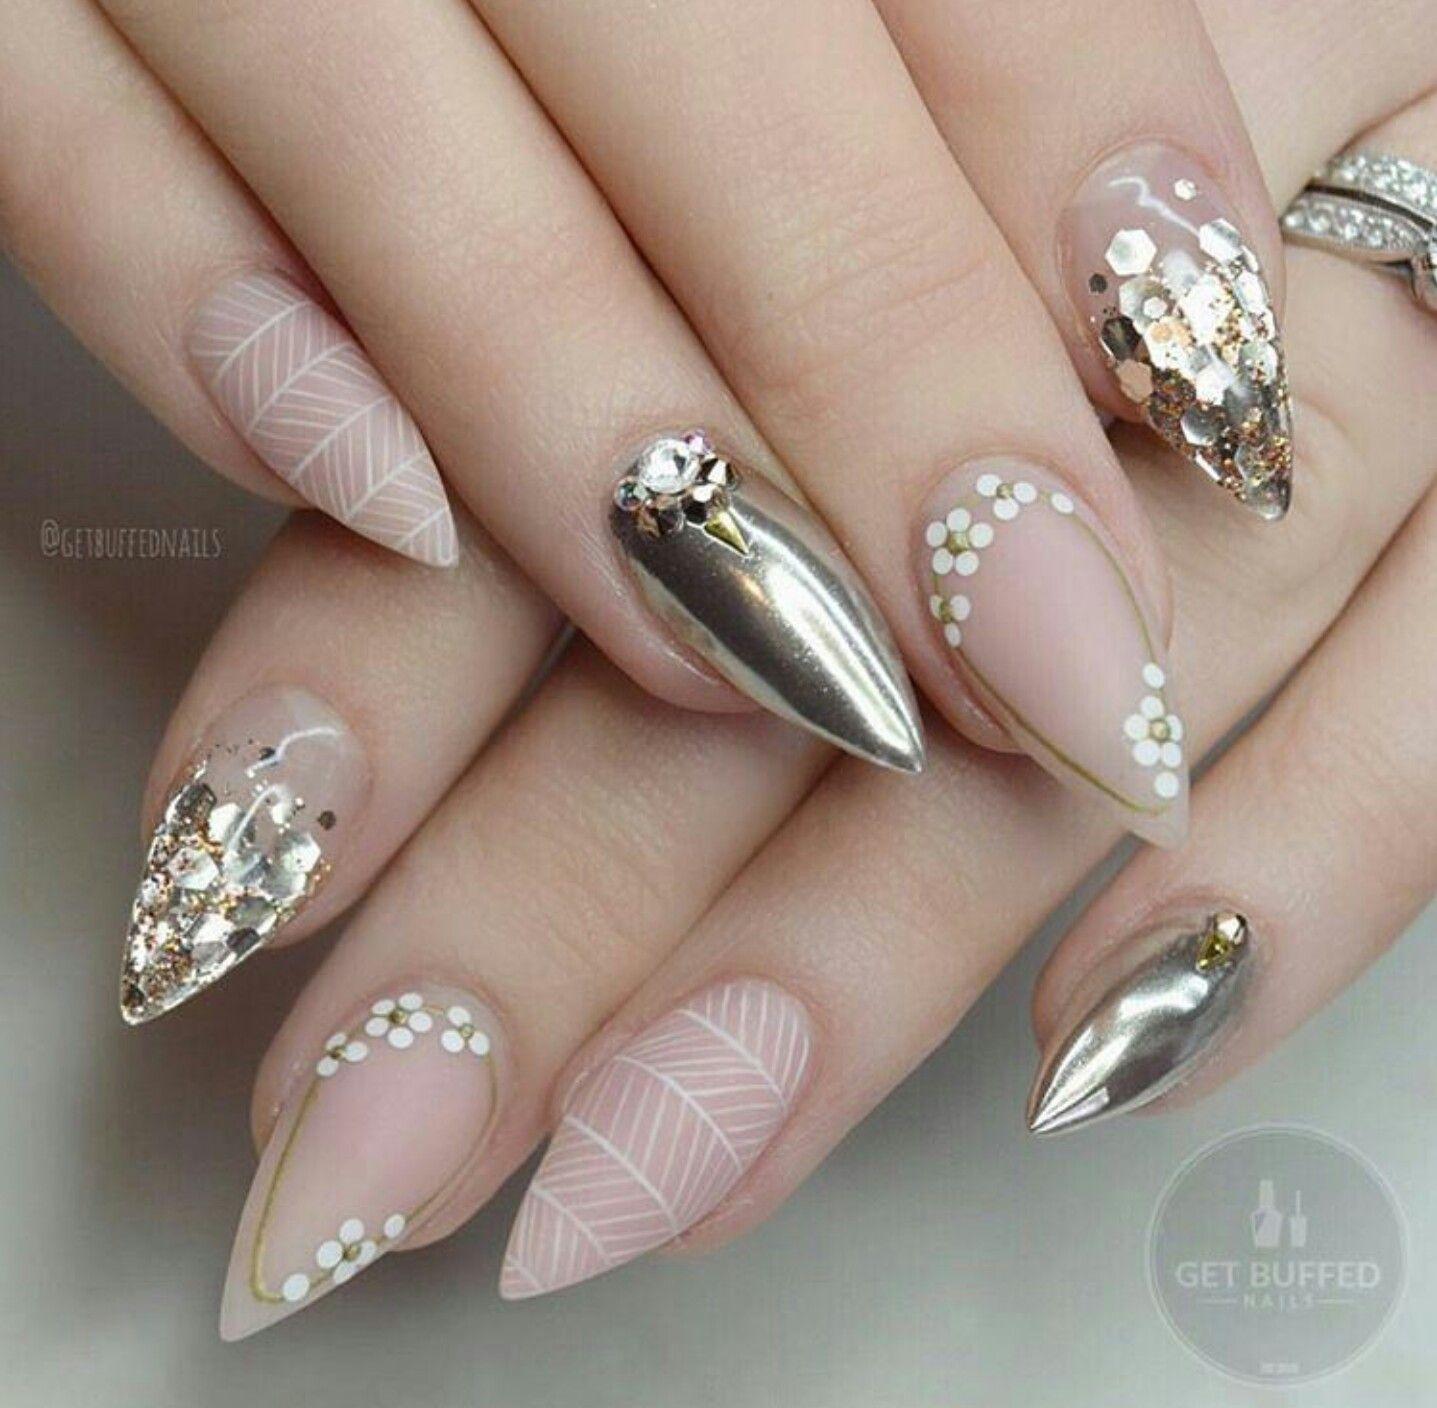 Pin by Kathleen Anne on Nailpolish | Pinterest | Spring nails, Nail ...